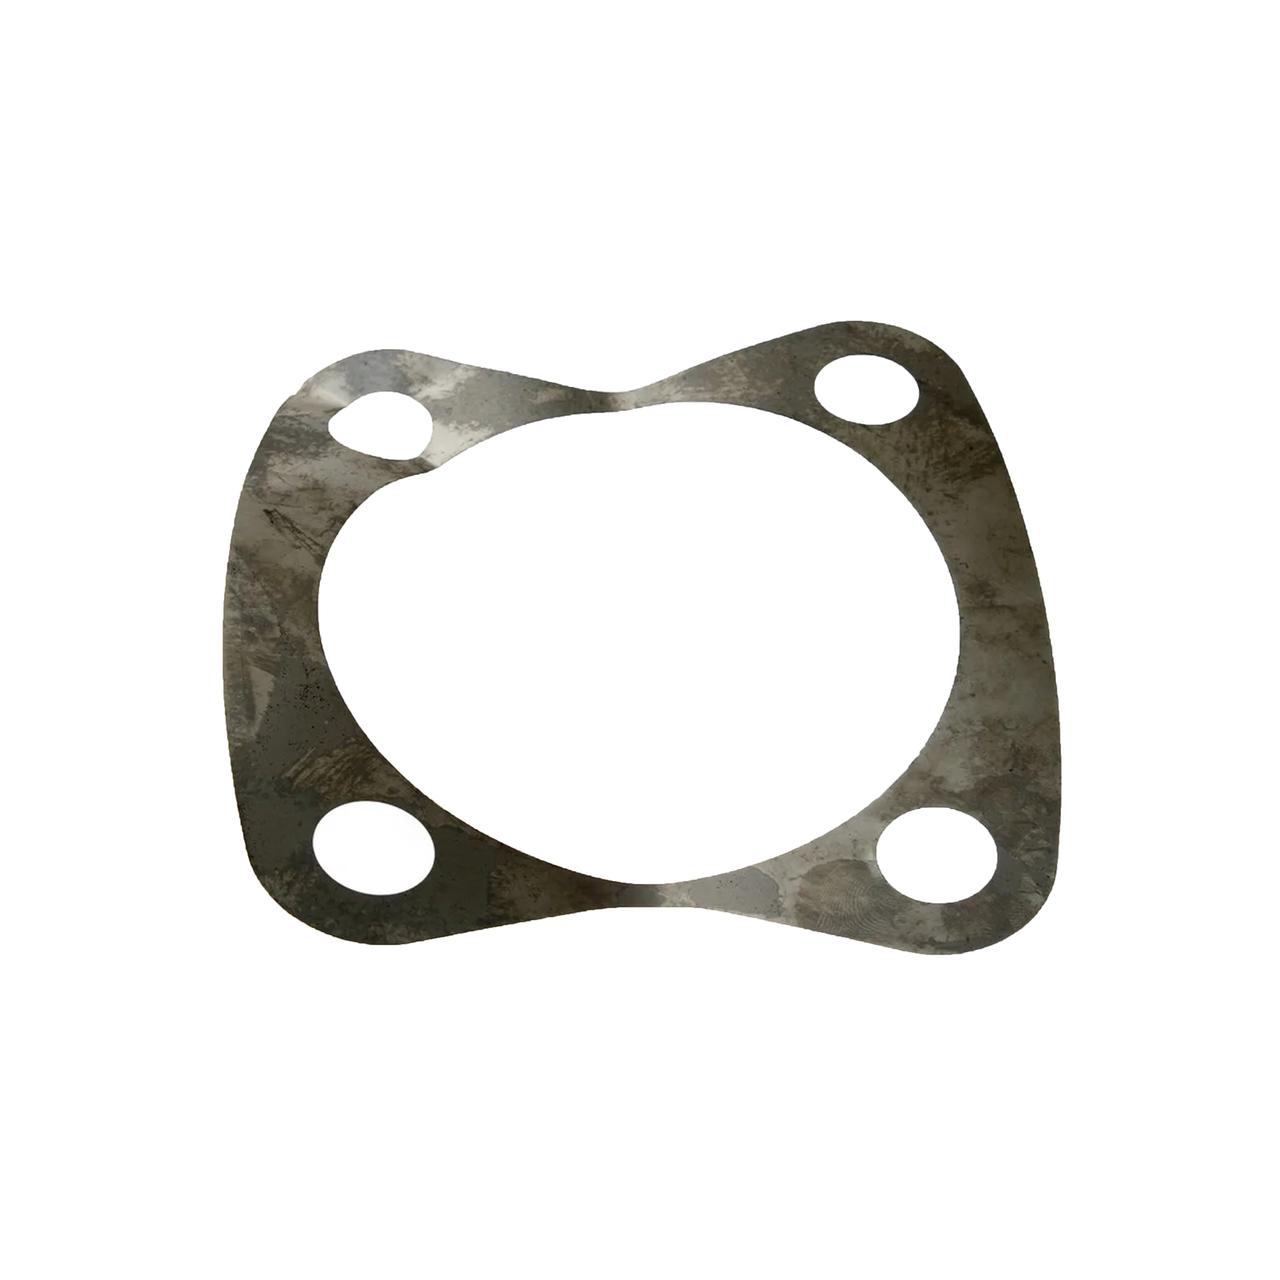 Прокладка регулировочная поворотного кулака 076 / ОАО КамАЗ (0,2 мм)